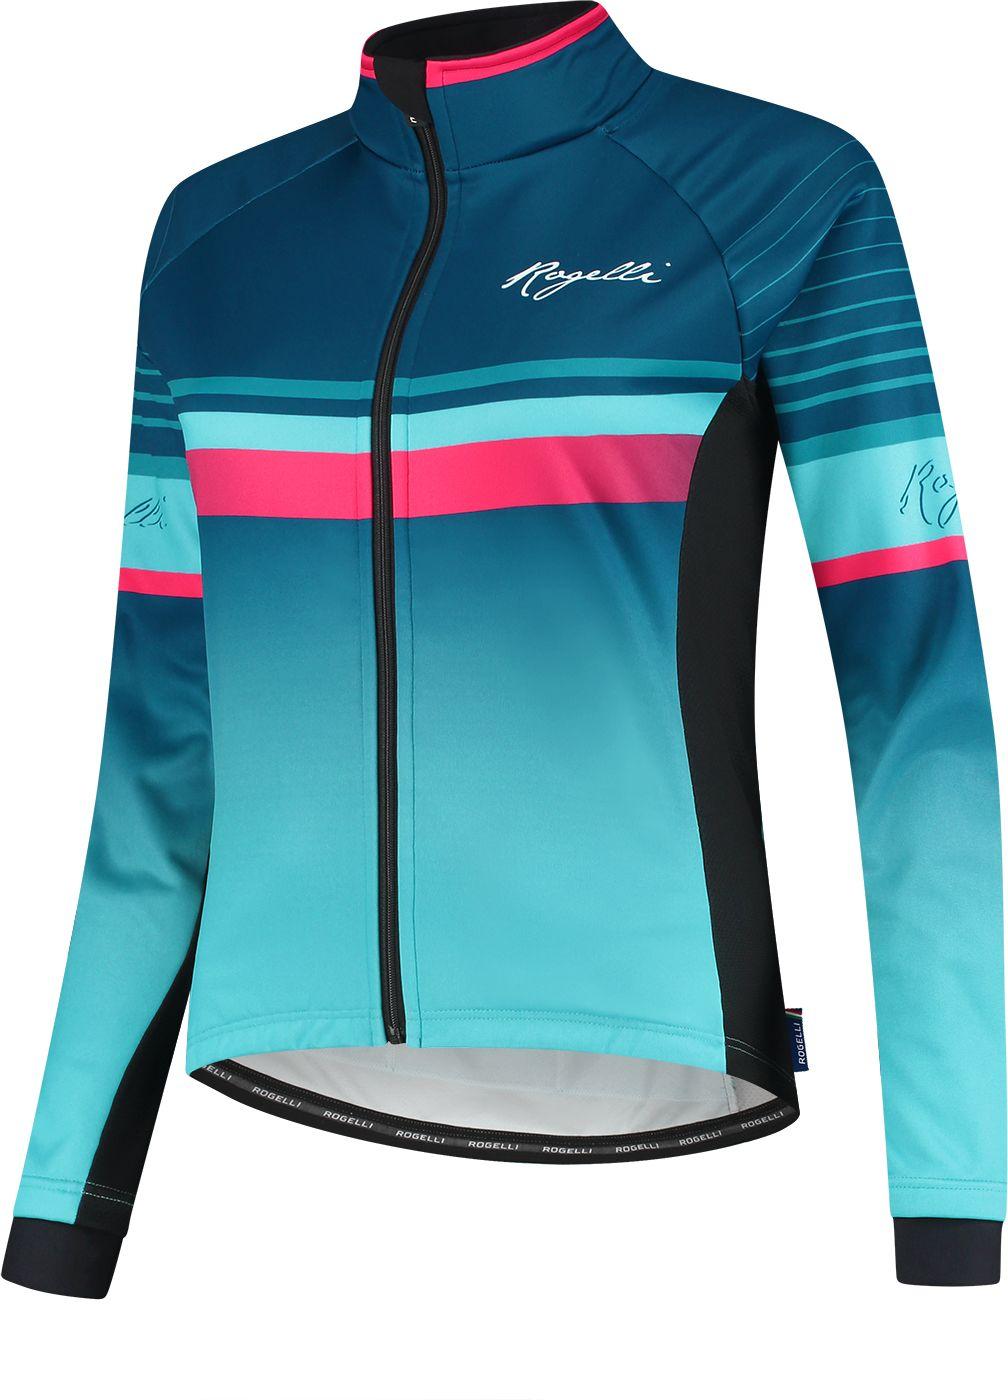 ROGELLI kurtka rowerowa zimowa damska IMPRESS niebiesko-różowa Rozmiar: L,010.360.XS